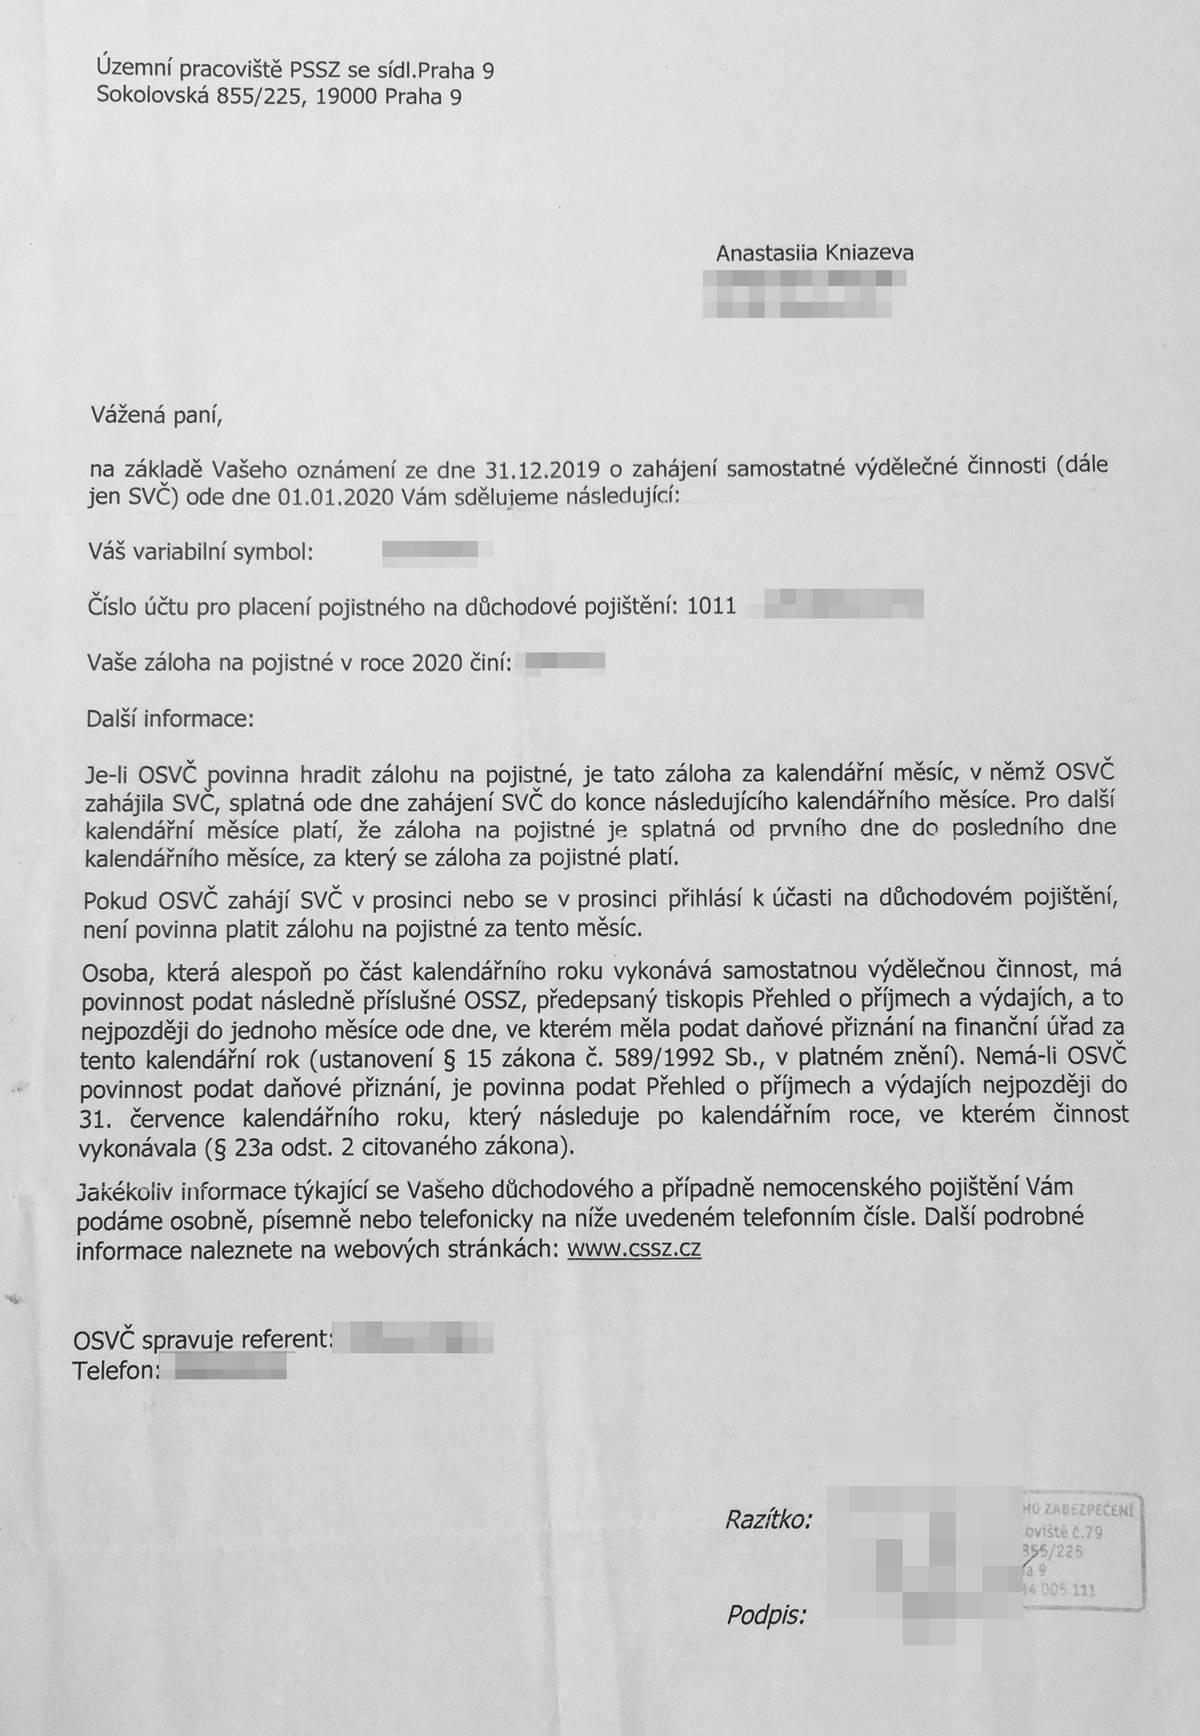 Письмо Департамента социального обеспечения с размером отчислений длясоциального страхования — 2544Kč и номером счета, куда переводить деньги